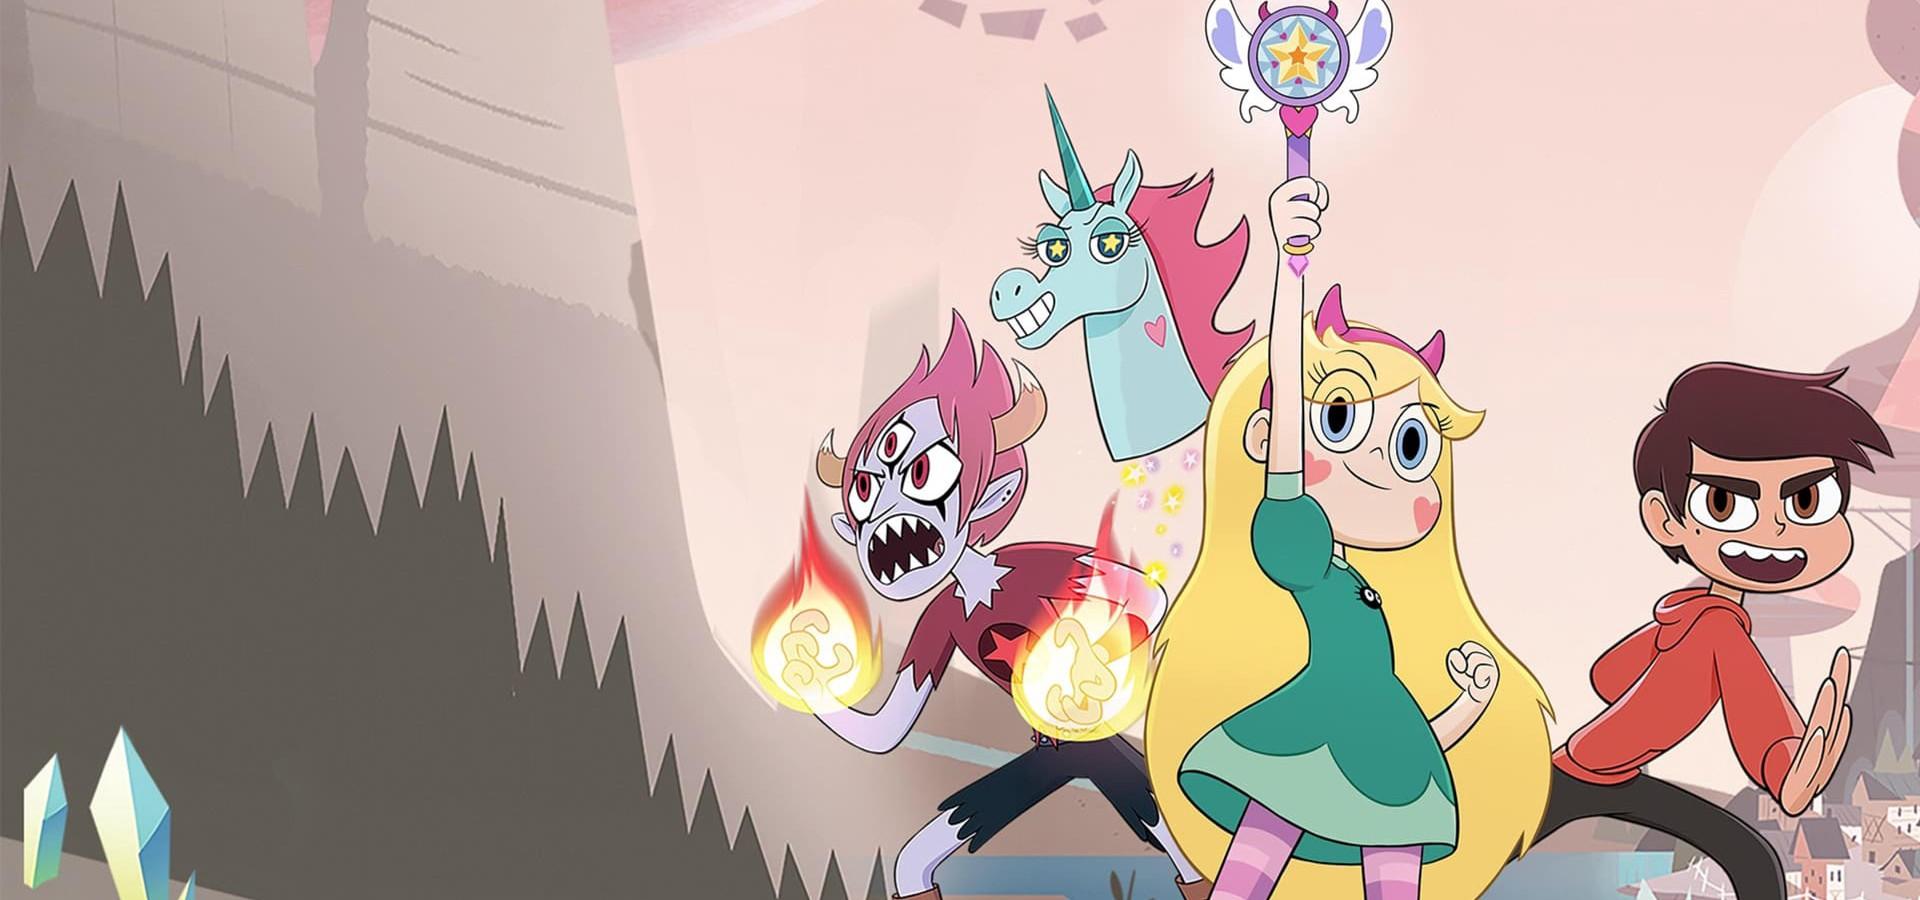 Star gegen die Mächte des Bösen